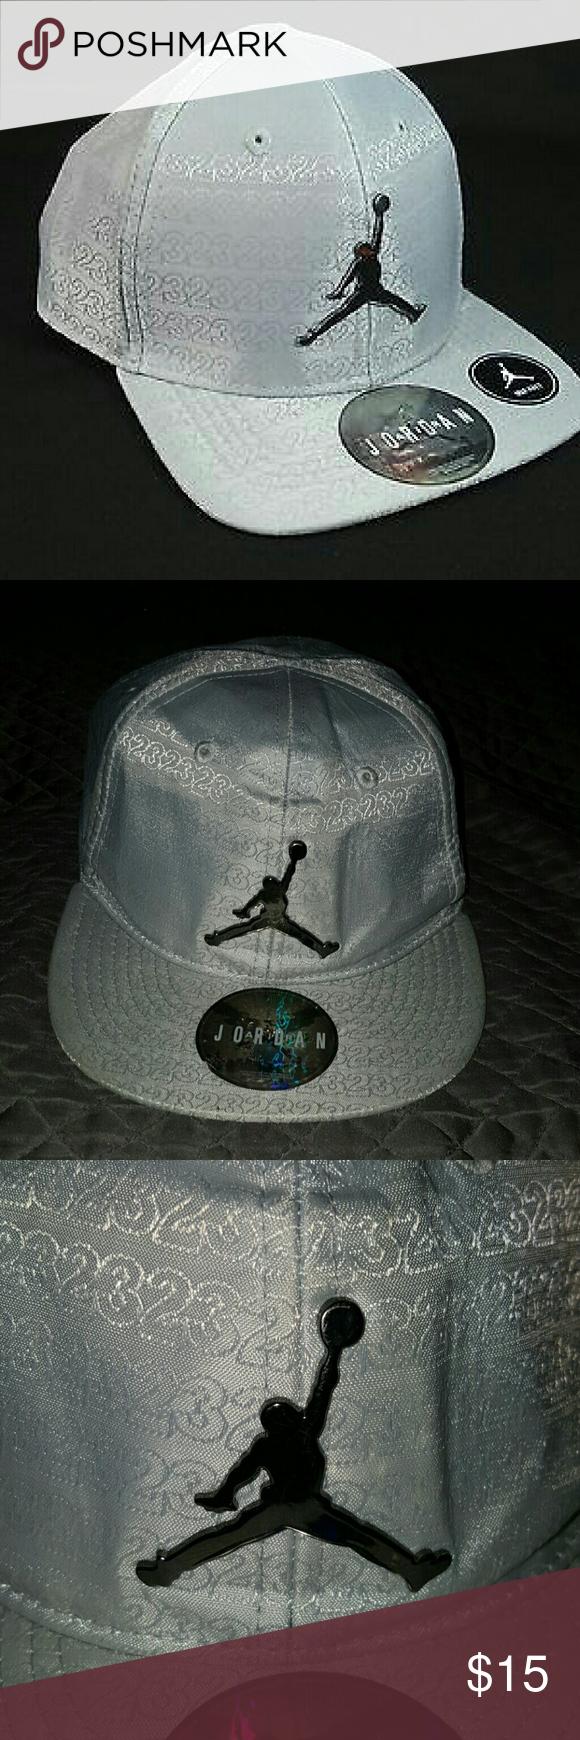 34e65482110 Toddlers Jordan hat Nike Air Jordan toddler baseball cap. Silver chromed  colored metal michael jordan